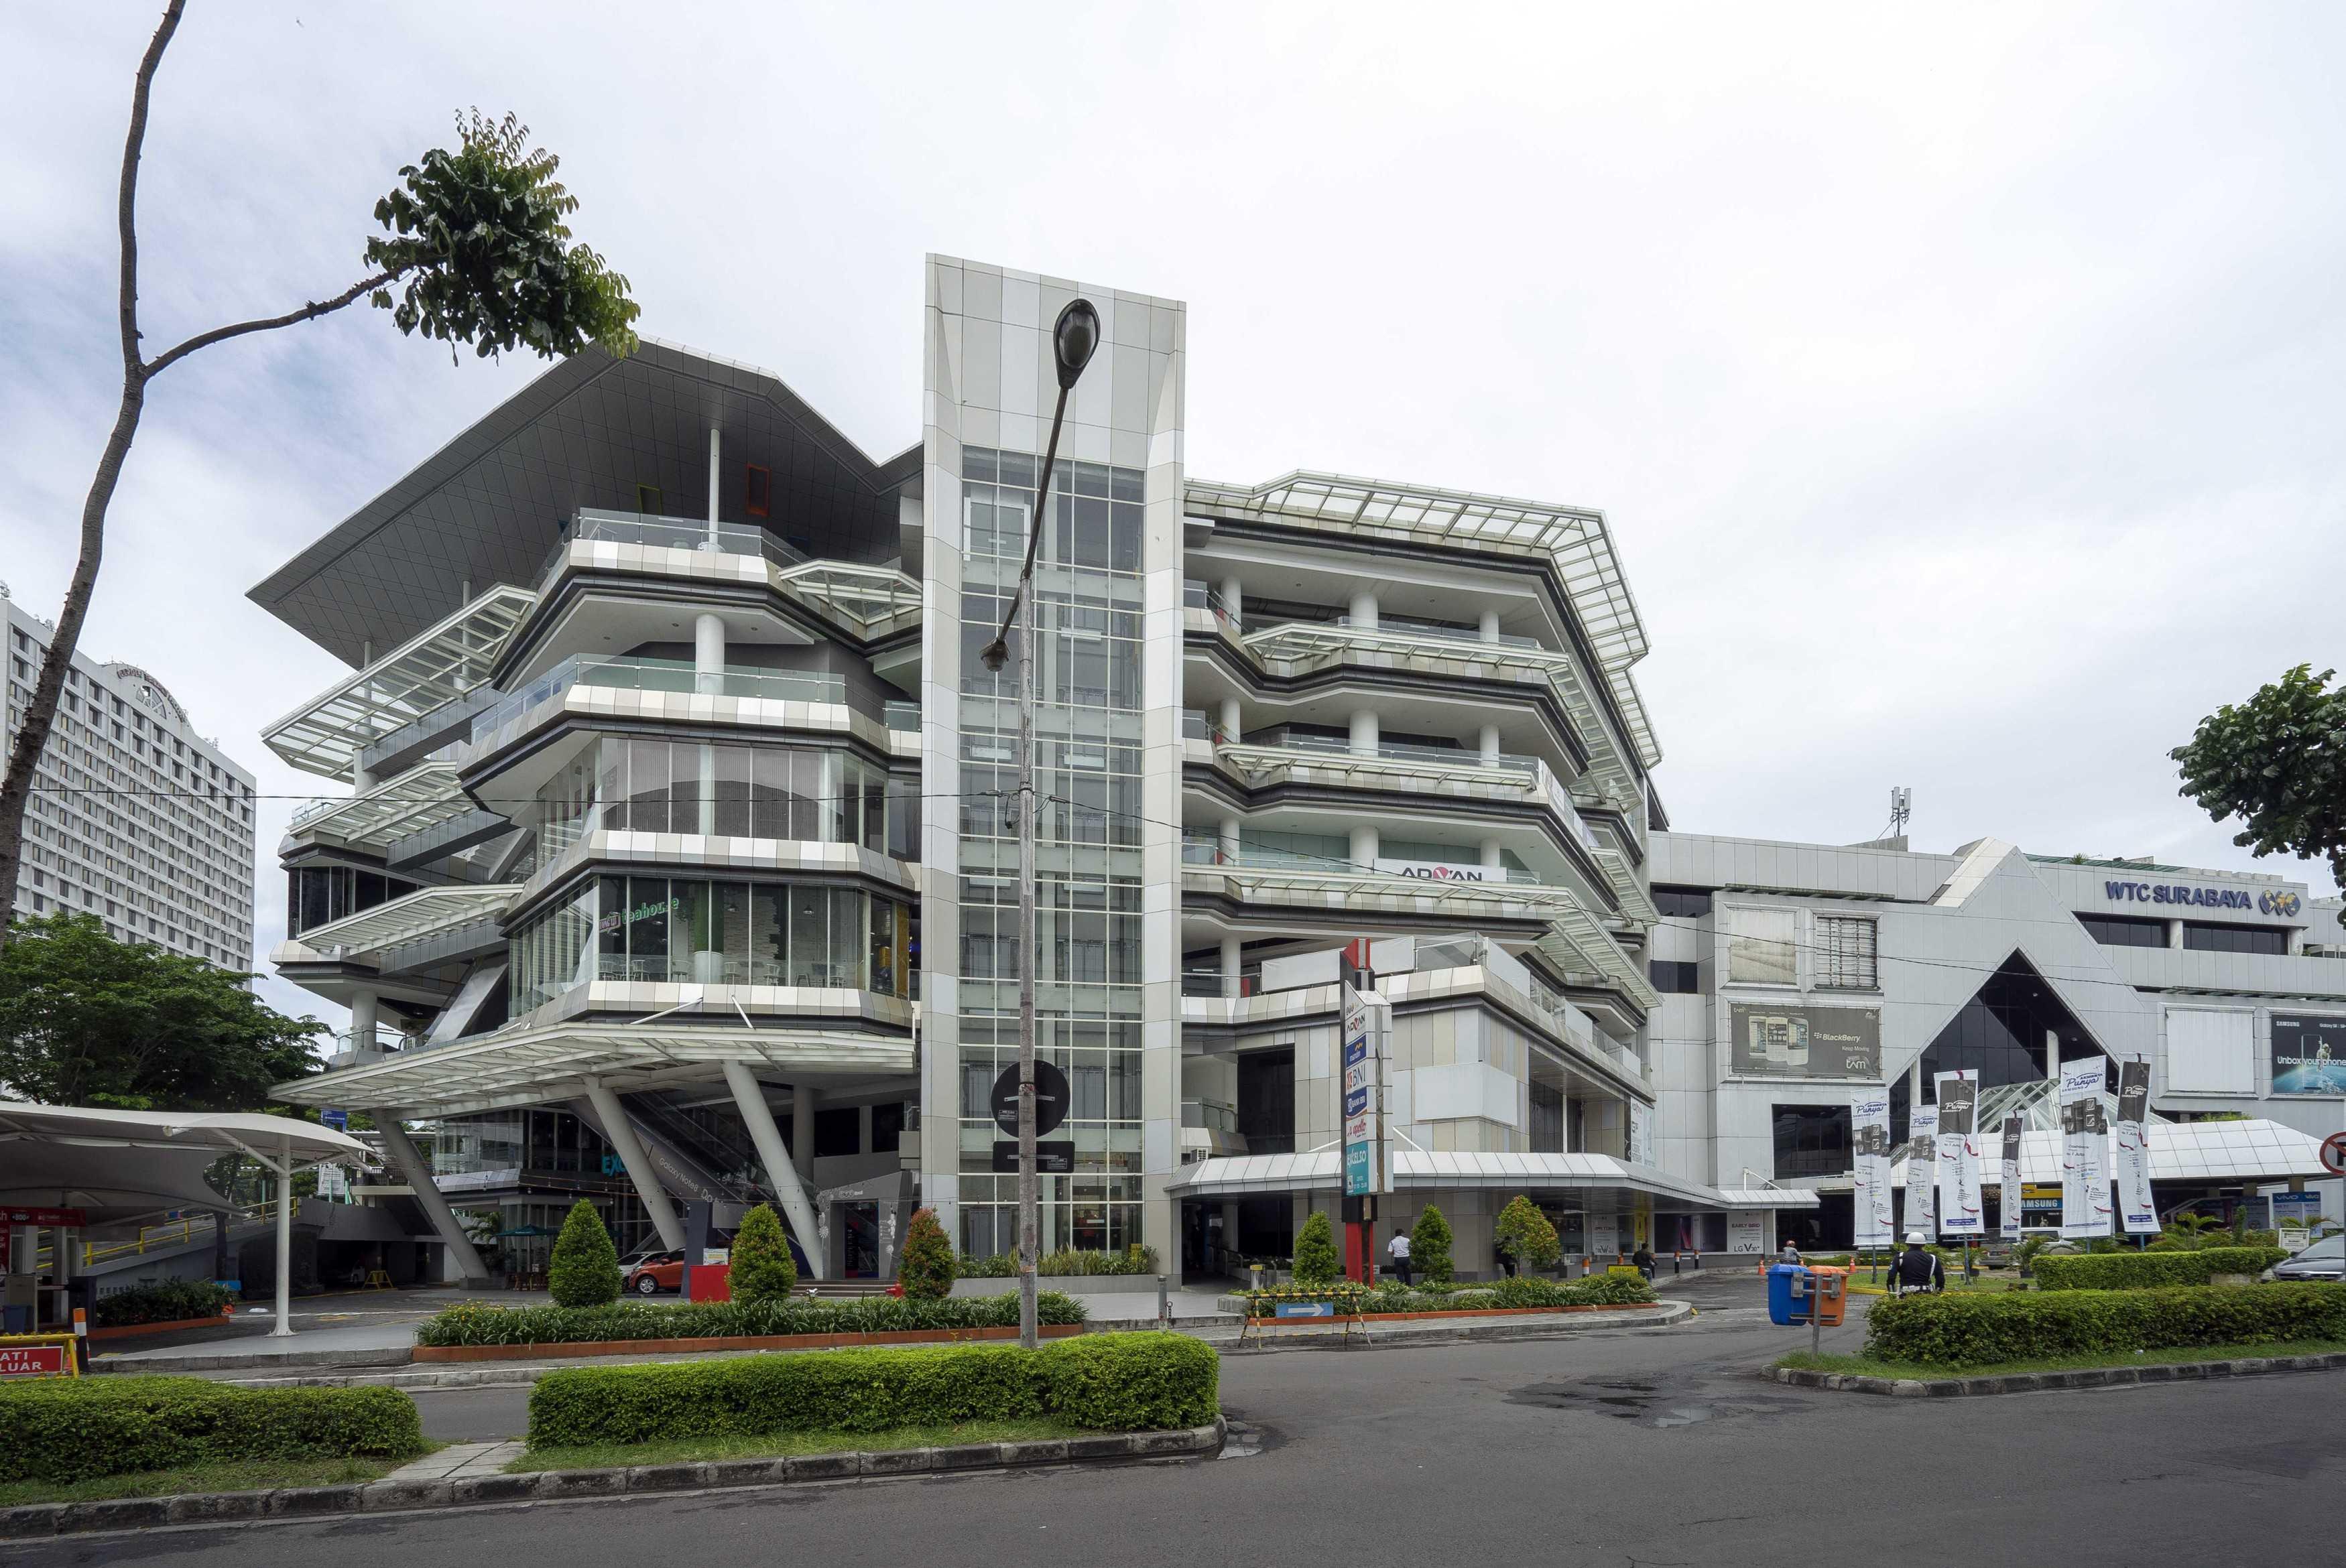 Studio Sa_E Wtc E-Mall Surabaya Surabaya, Kota Sby, Jawa Timur, Indonesia Surabaya, Kota Sby, Jawa Timur, Indonesia Studio-Sae-Wtc-E-Mall-Surabaya   52403